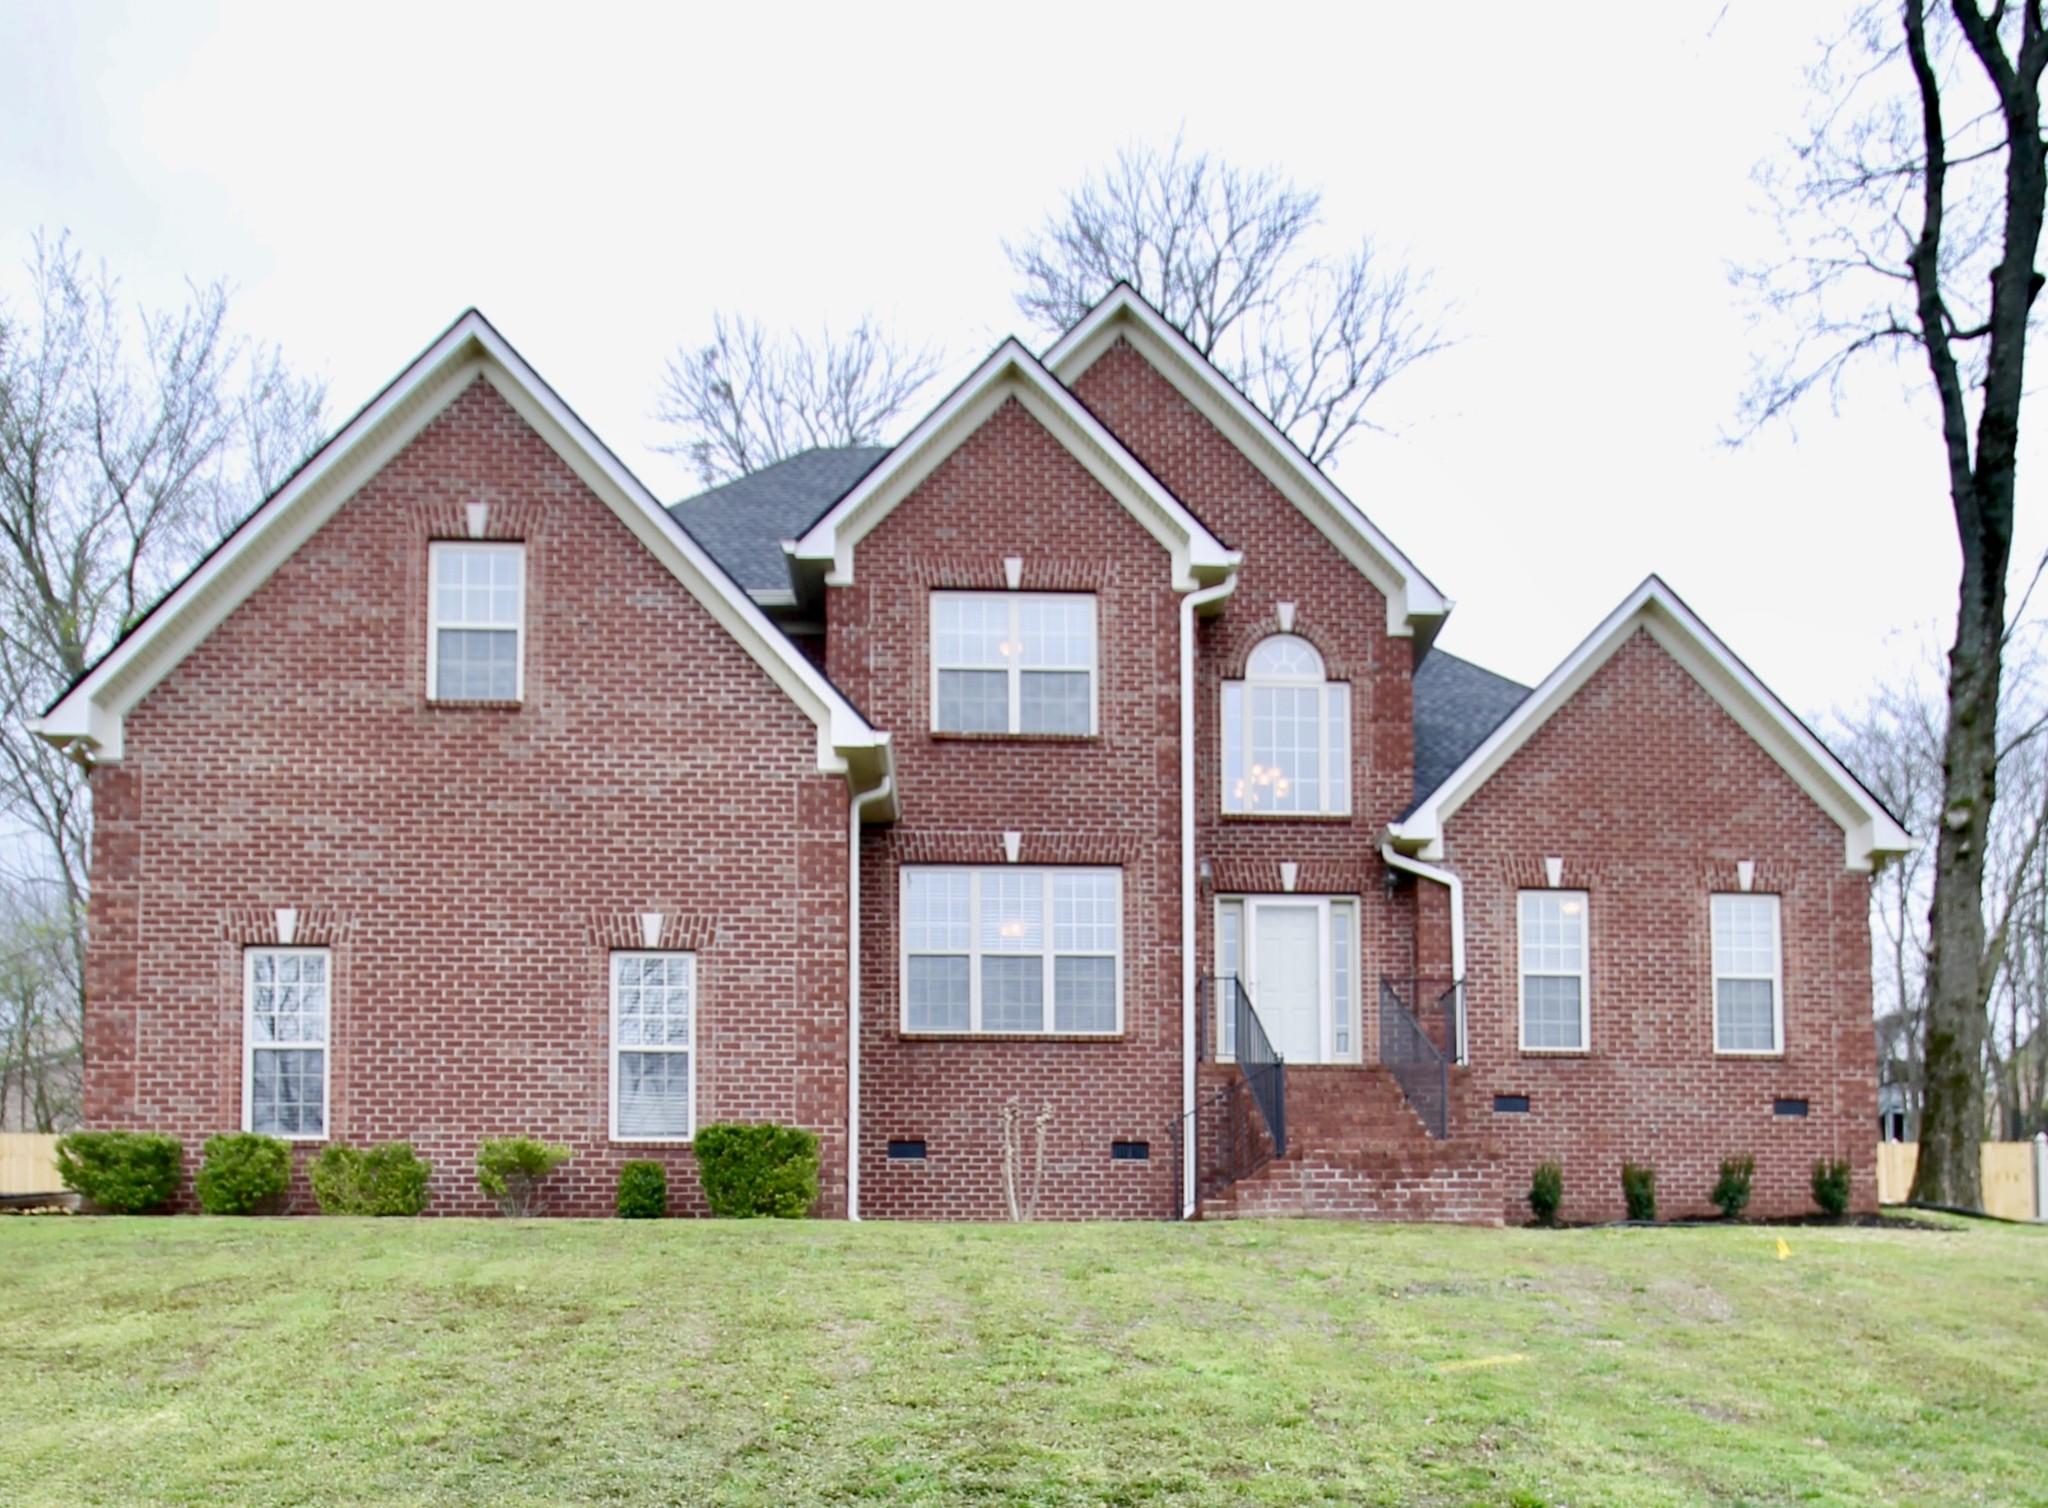 103 Kearney Ct, Nolensville, TN 37135 - Nolensville, TN real estate listing